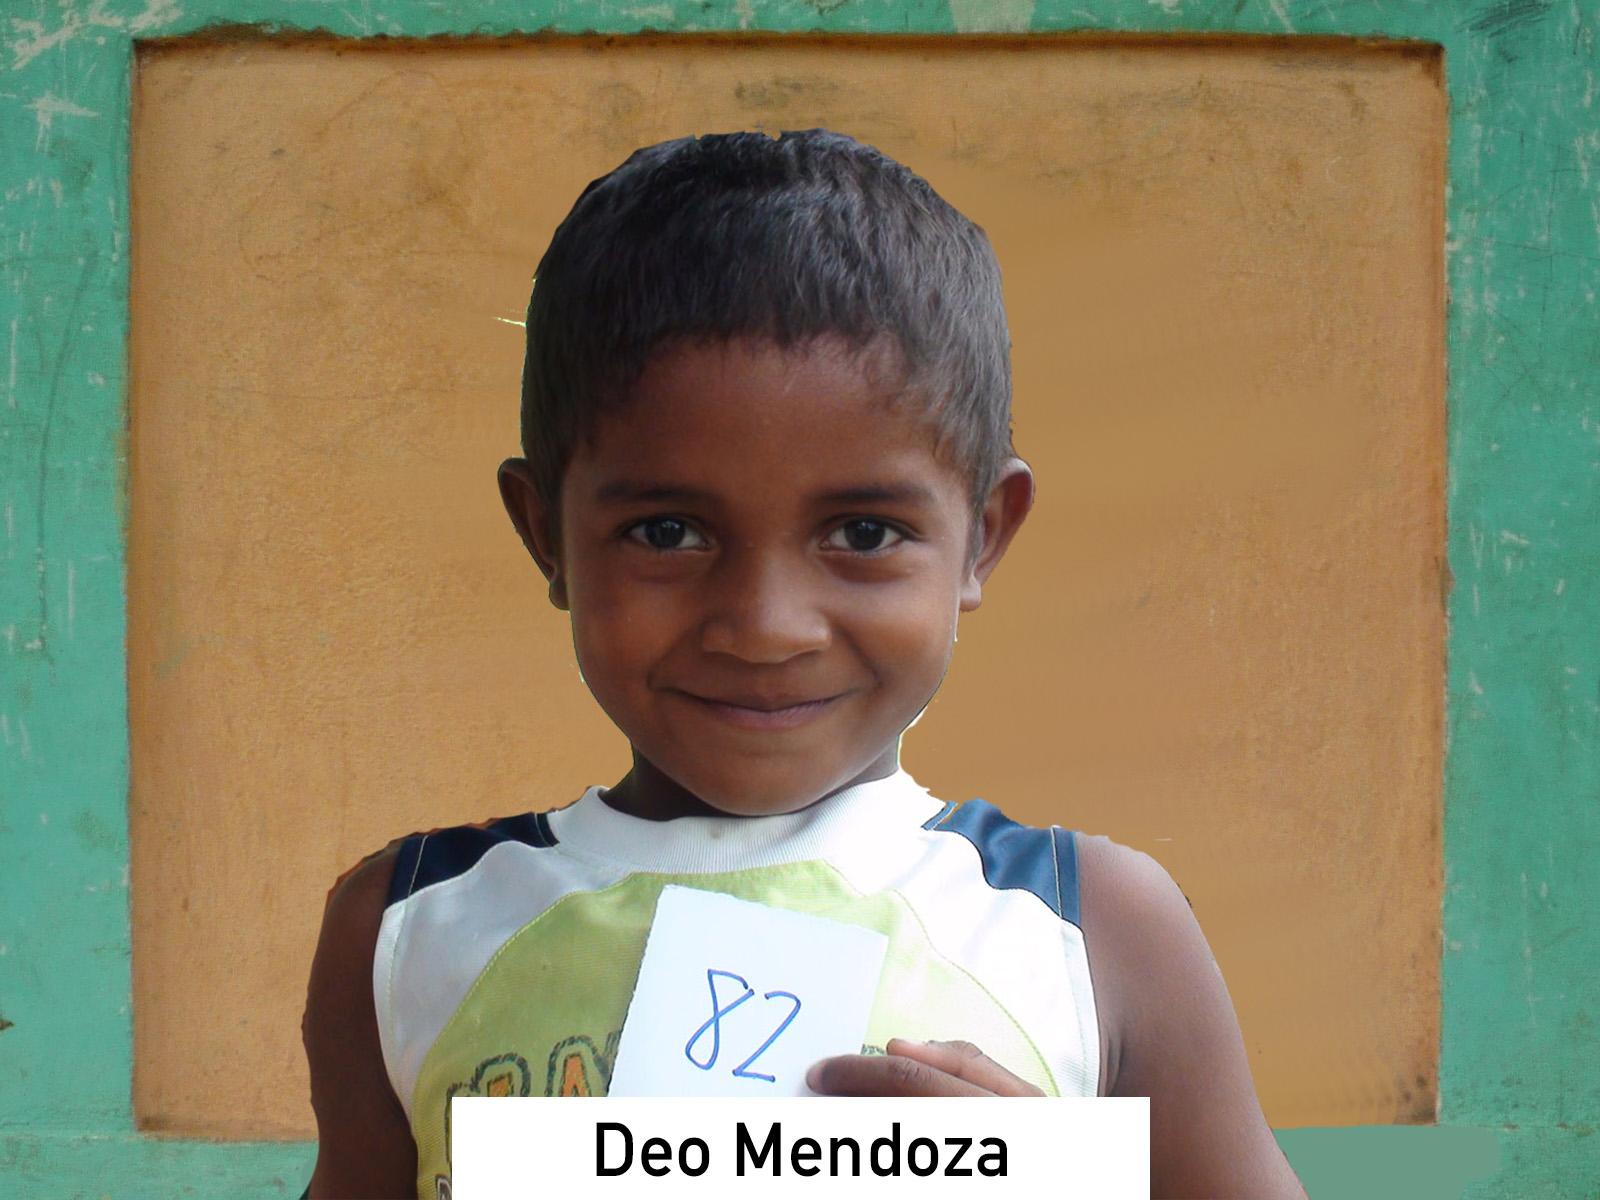 082 - Deo Mendoza.jpg